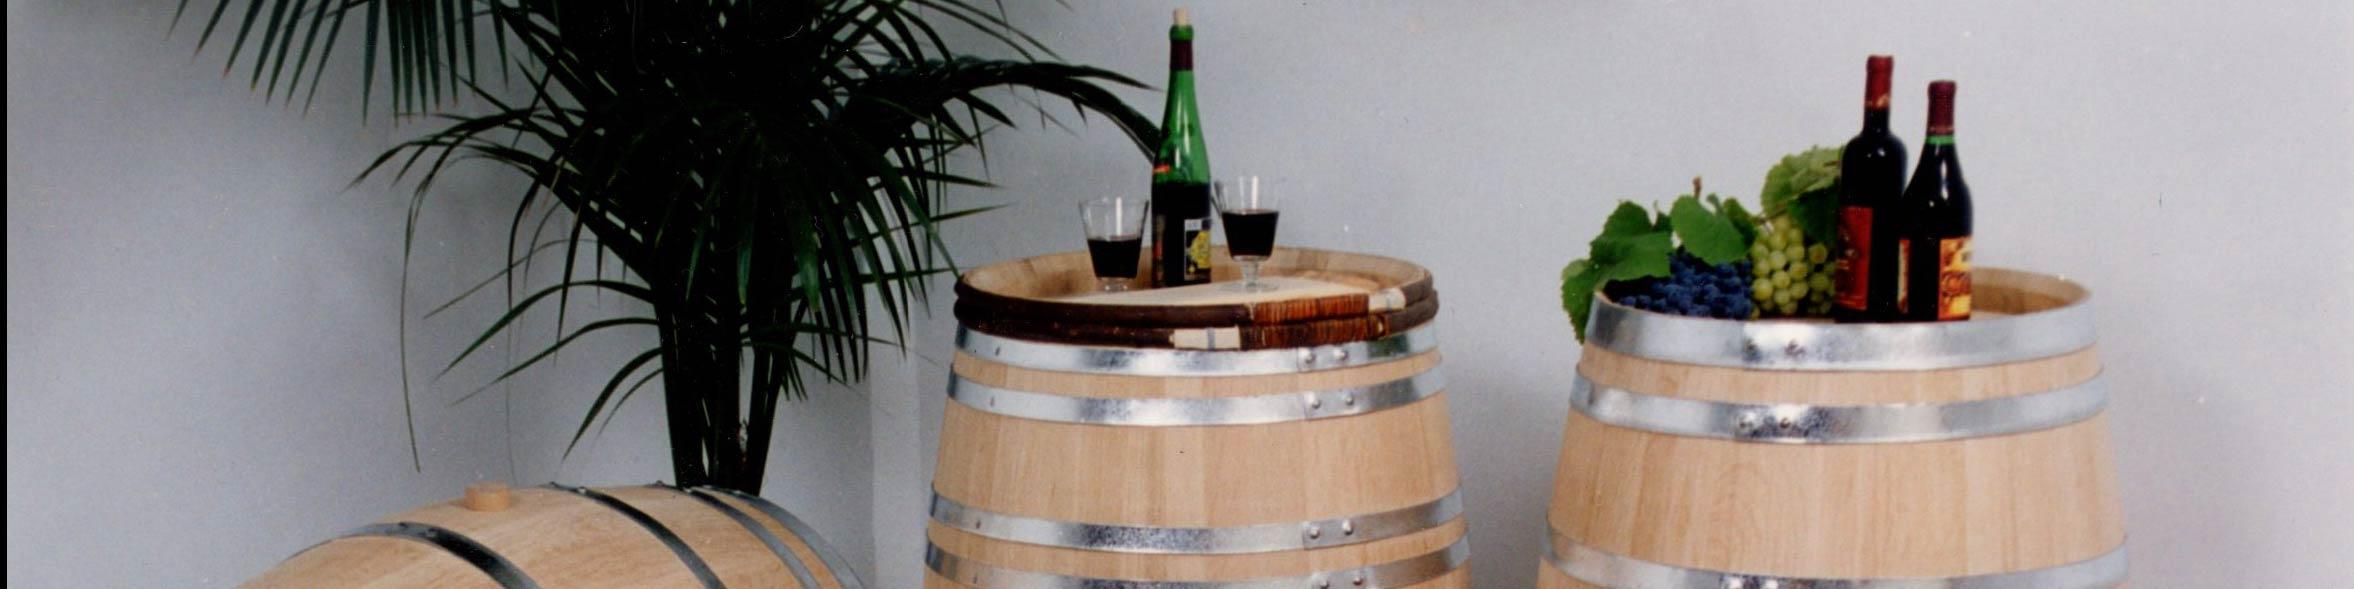 La strada dei vini propone prodotti della zona locale.